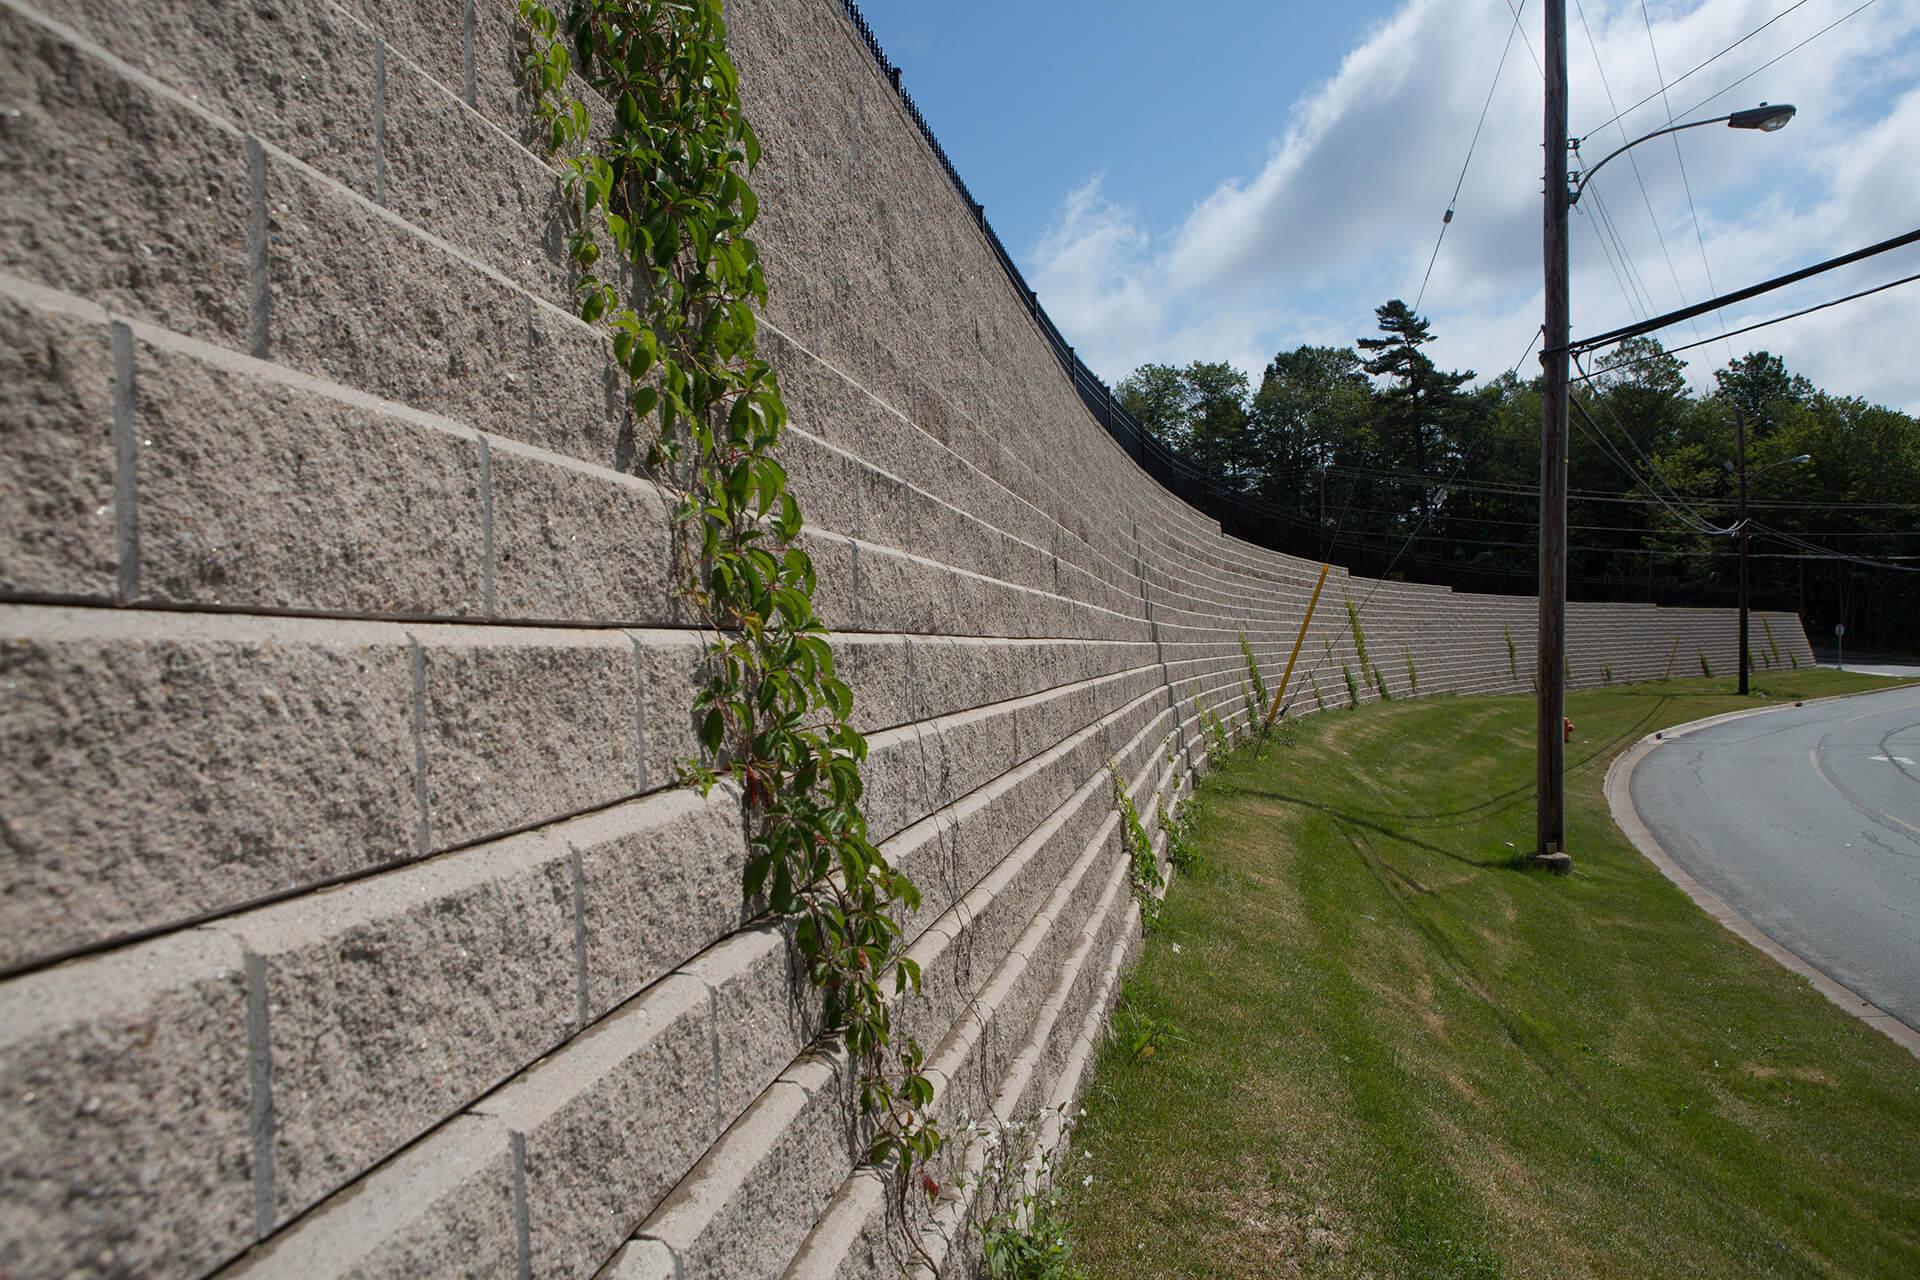 Retaining Wall Blocks Allan Blocka Ab Stones Shaw Brick